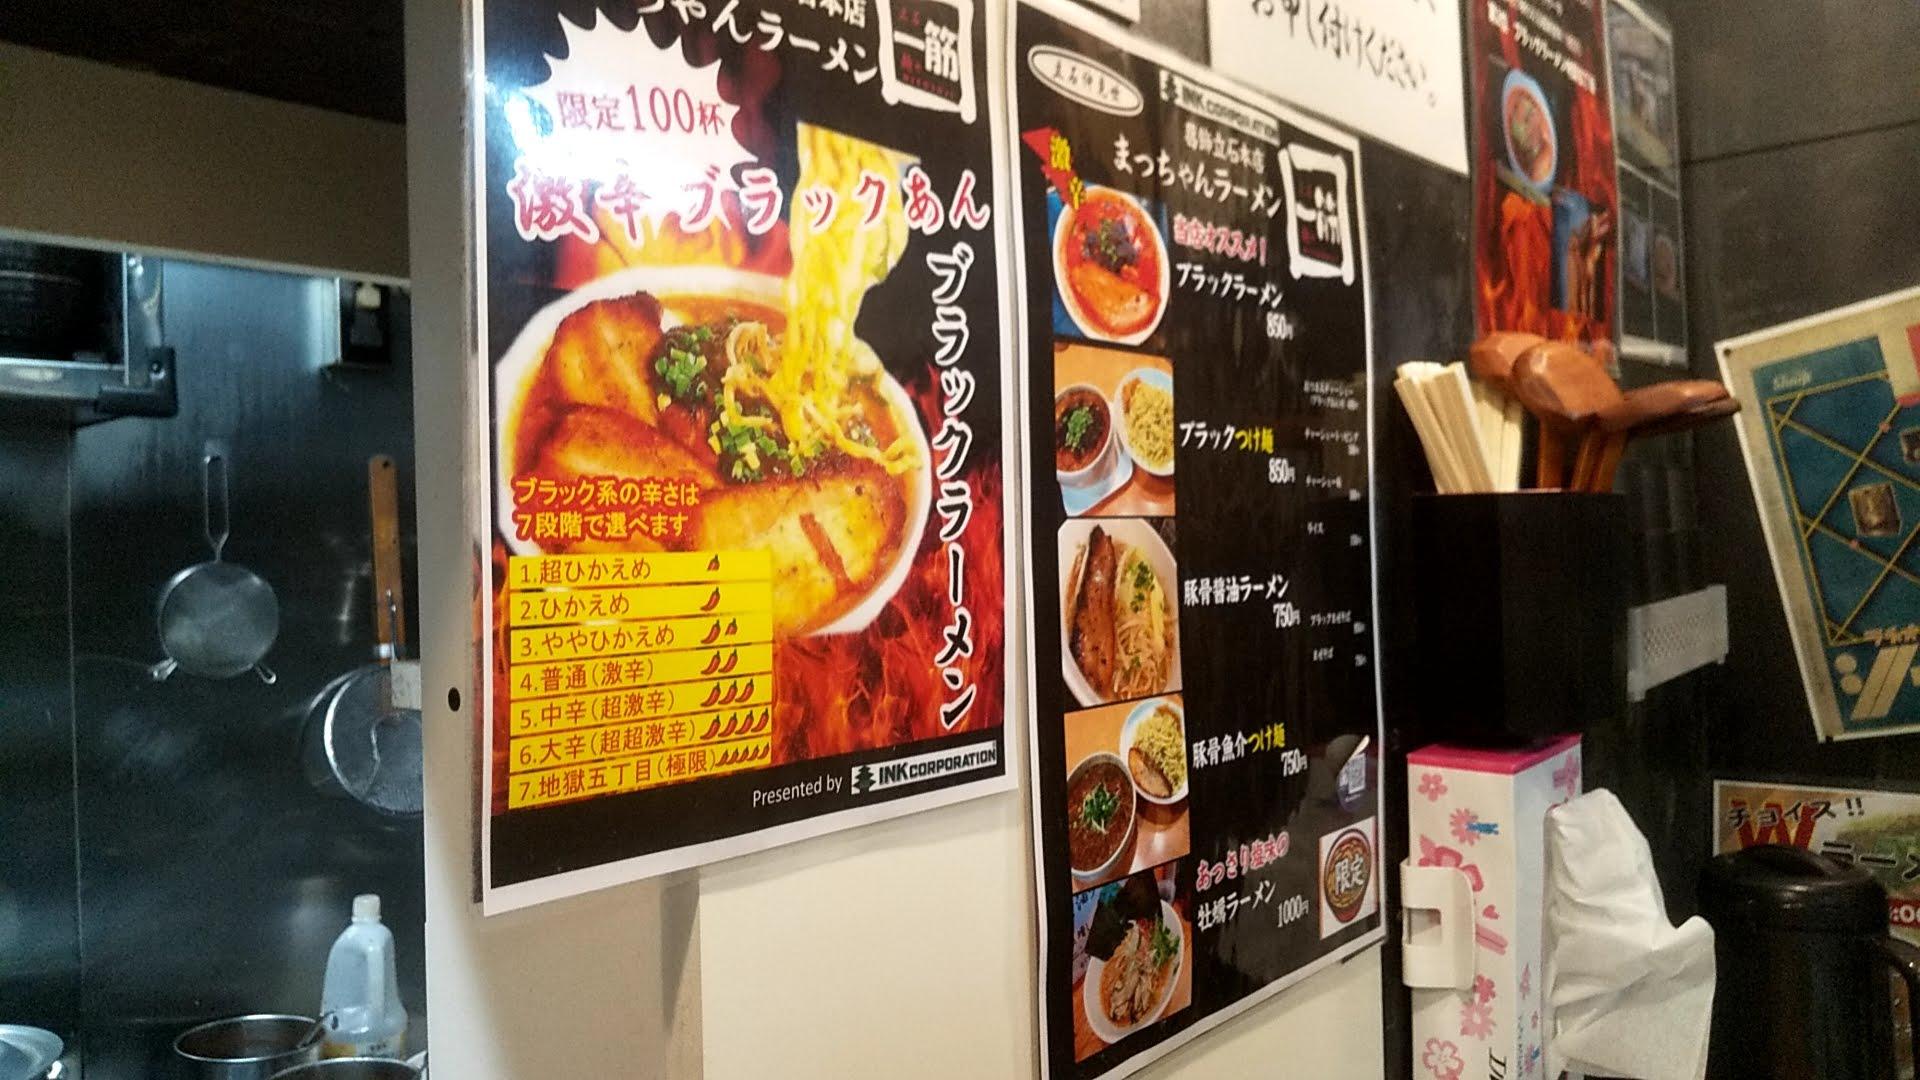 まっちゃんラーメン麺や一筋の店内メニューの写真